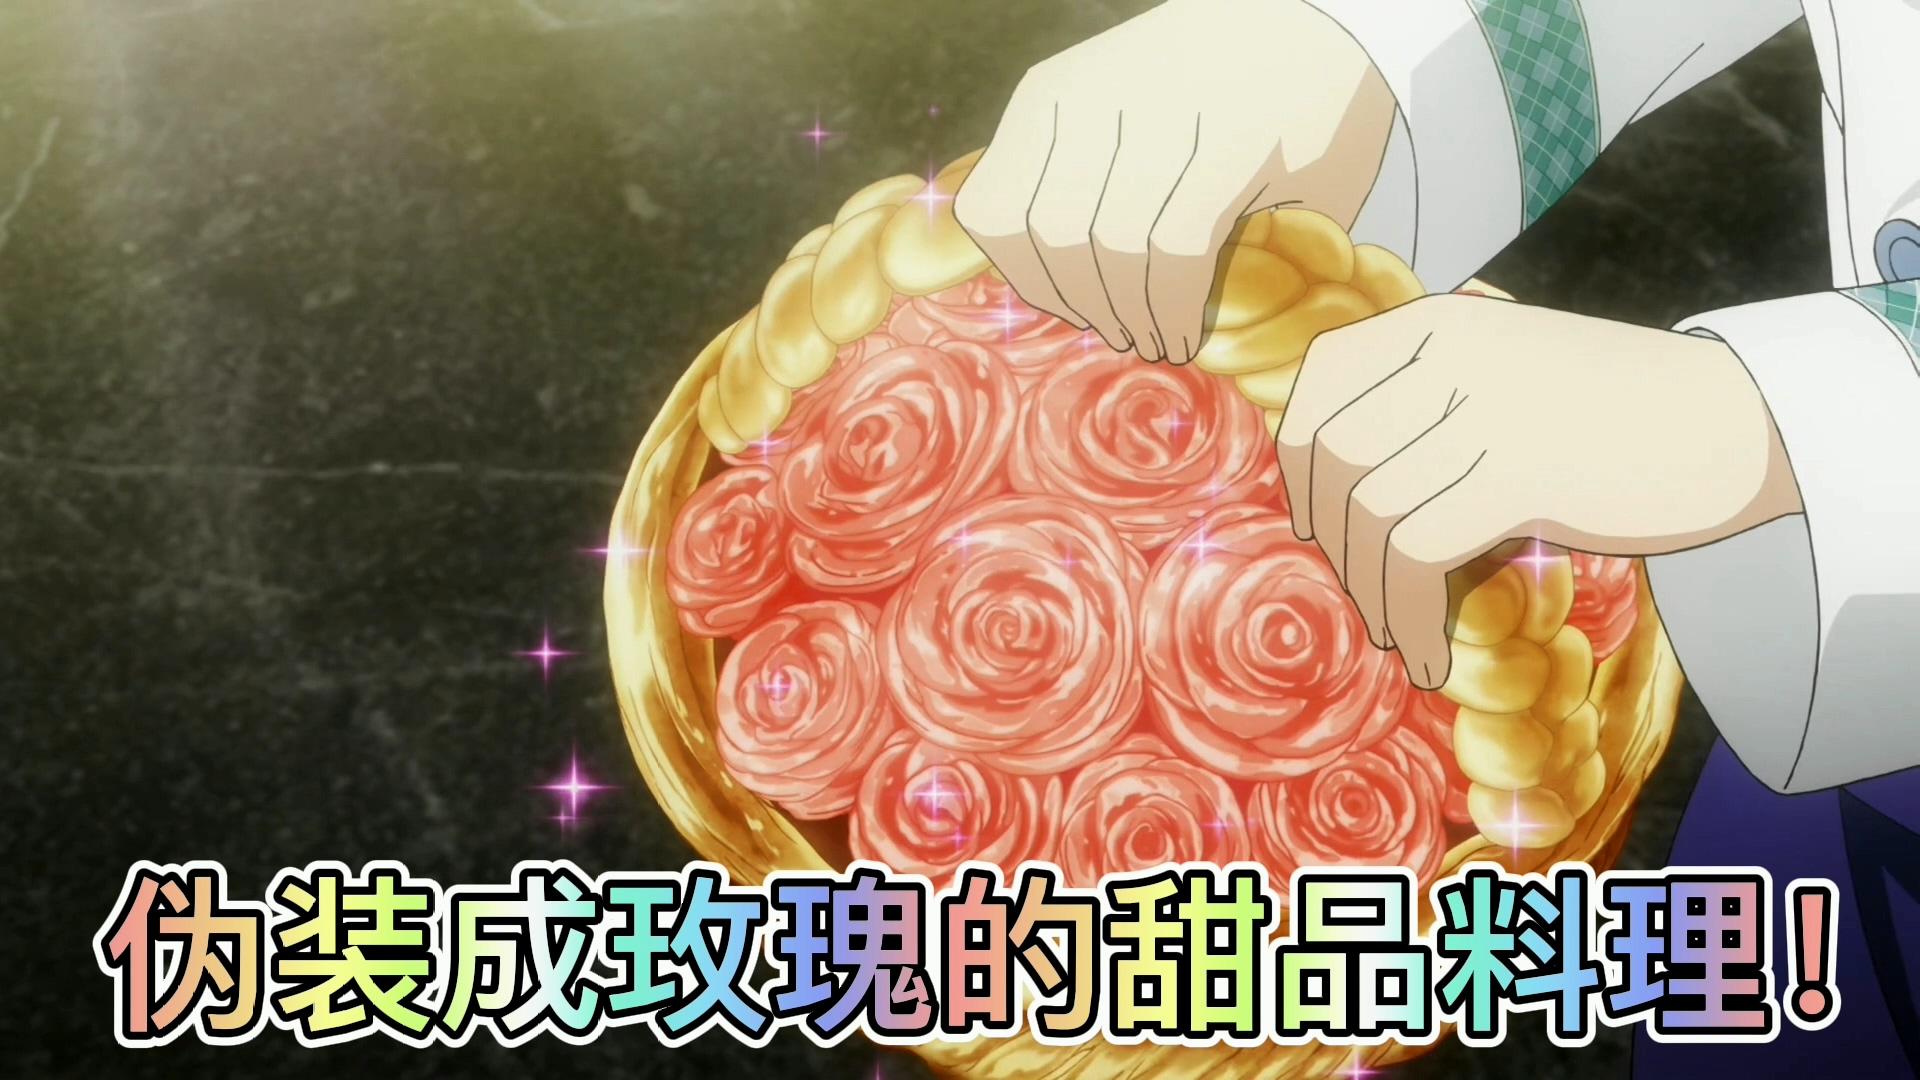 少女献上一篮玫瑰,竟是苹果做的甜品料理,评委尝后赞疯了!